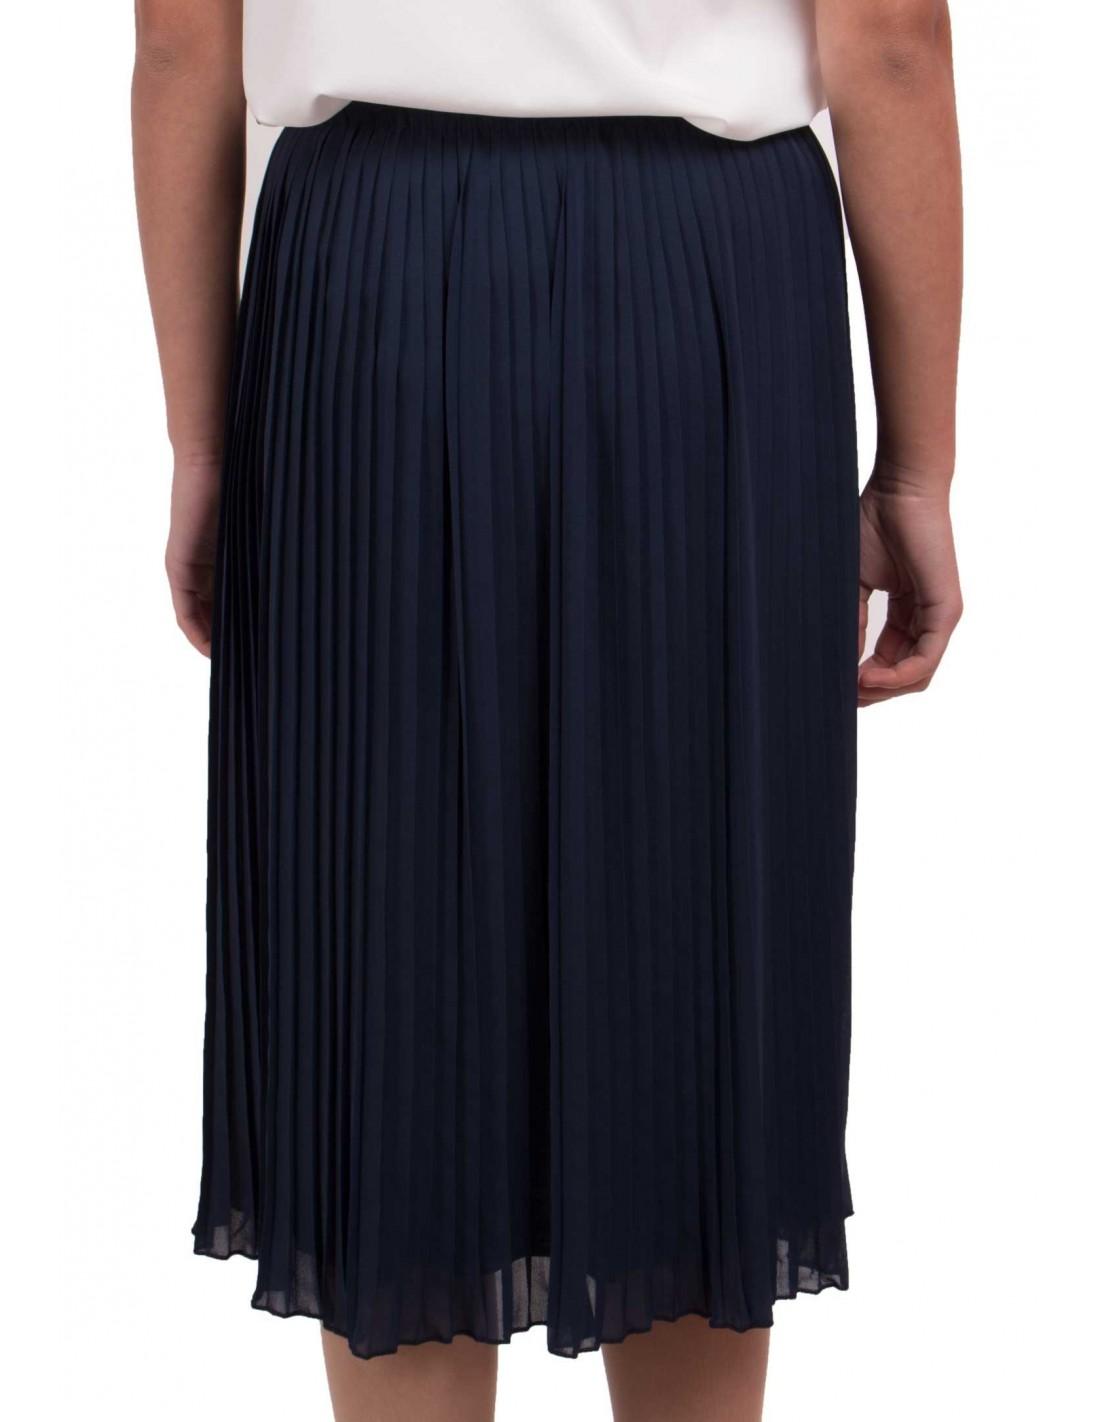 jupe pliss e mi longue coupe droite taille lastique divers coloris. Black Bedroom Furniture Sets. Home Design Ideas